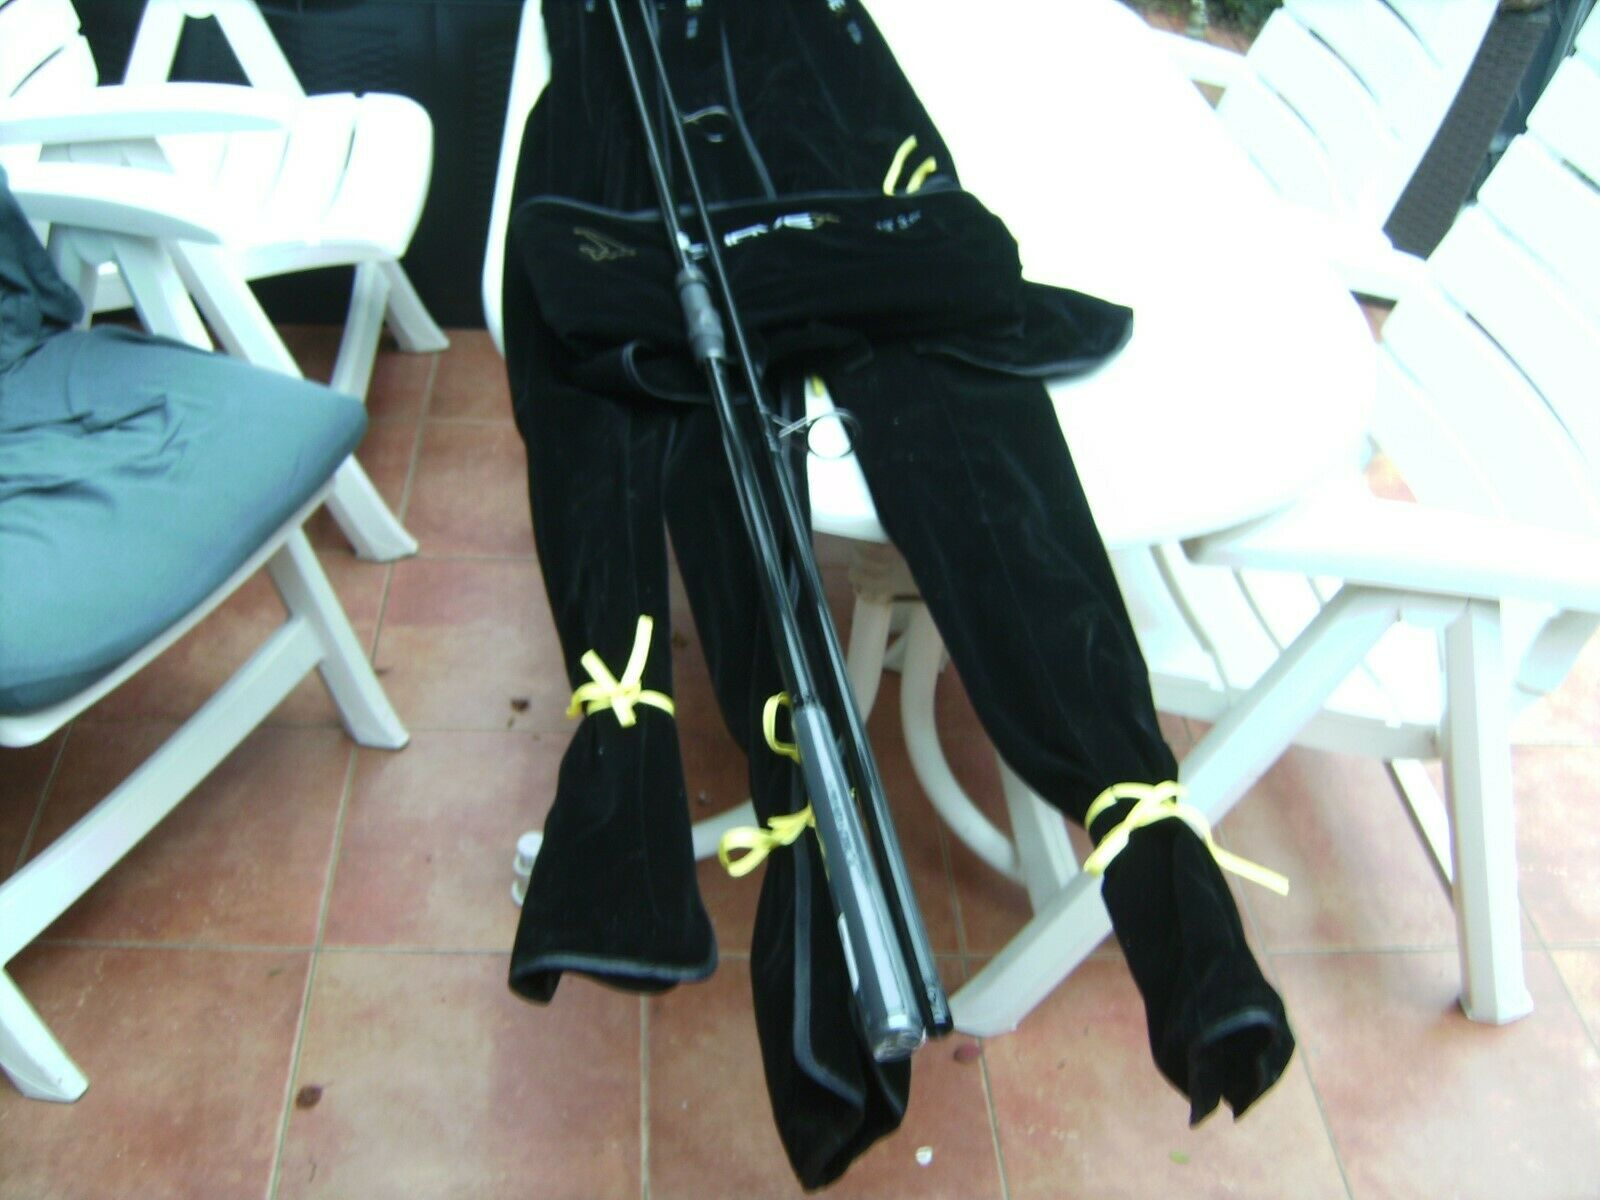 neue Angelruten - Karpfenruten - Avid Carp Curvex 13 ft. 3,5 lb - 4 vorrätig